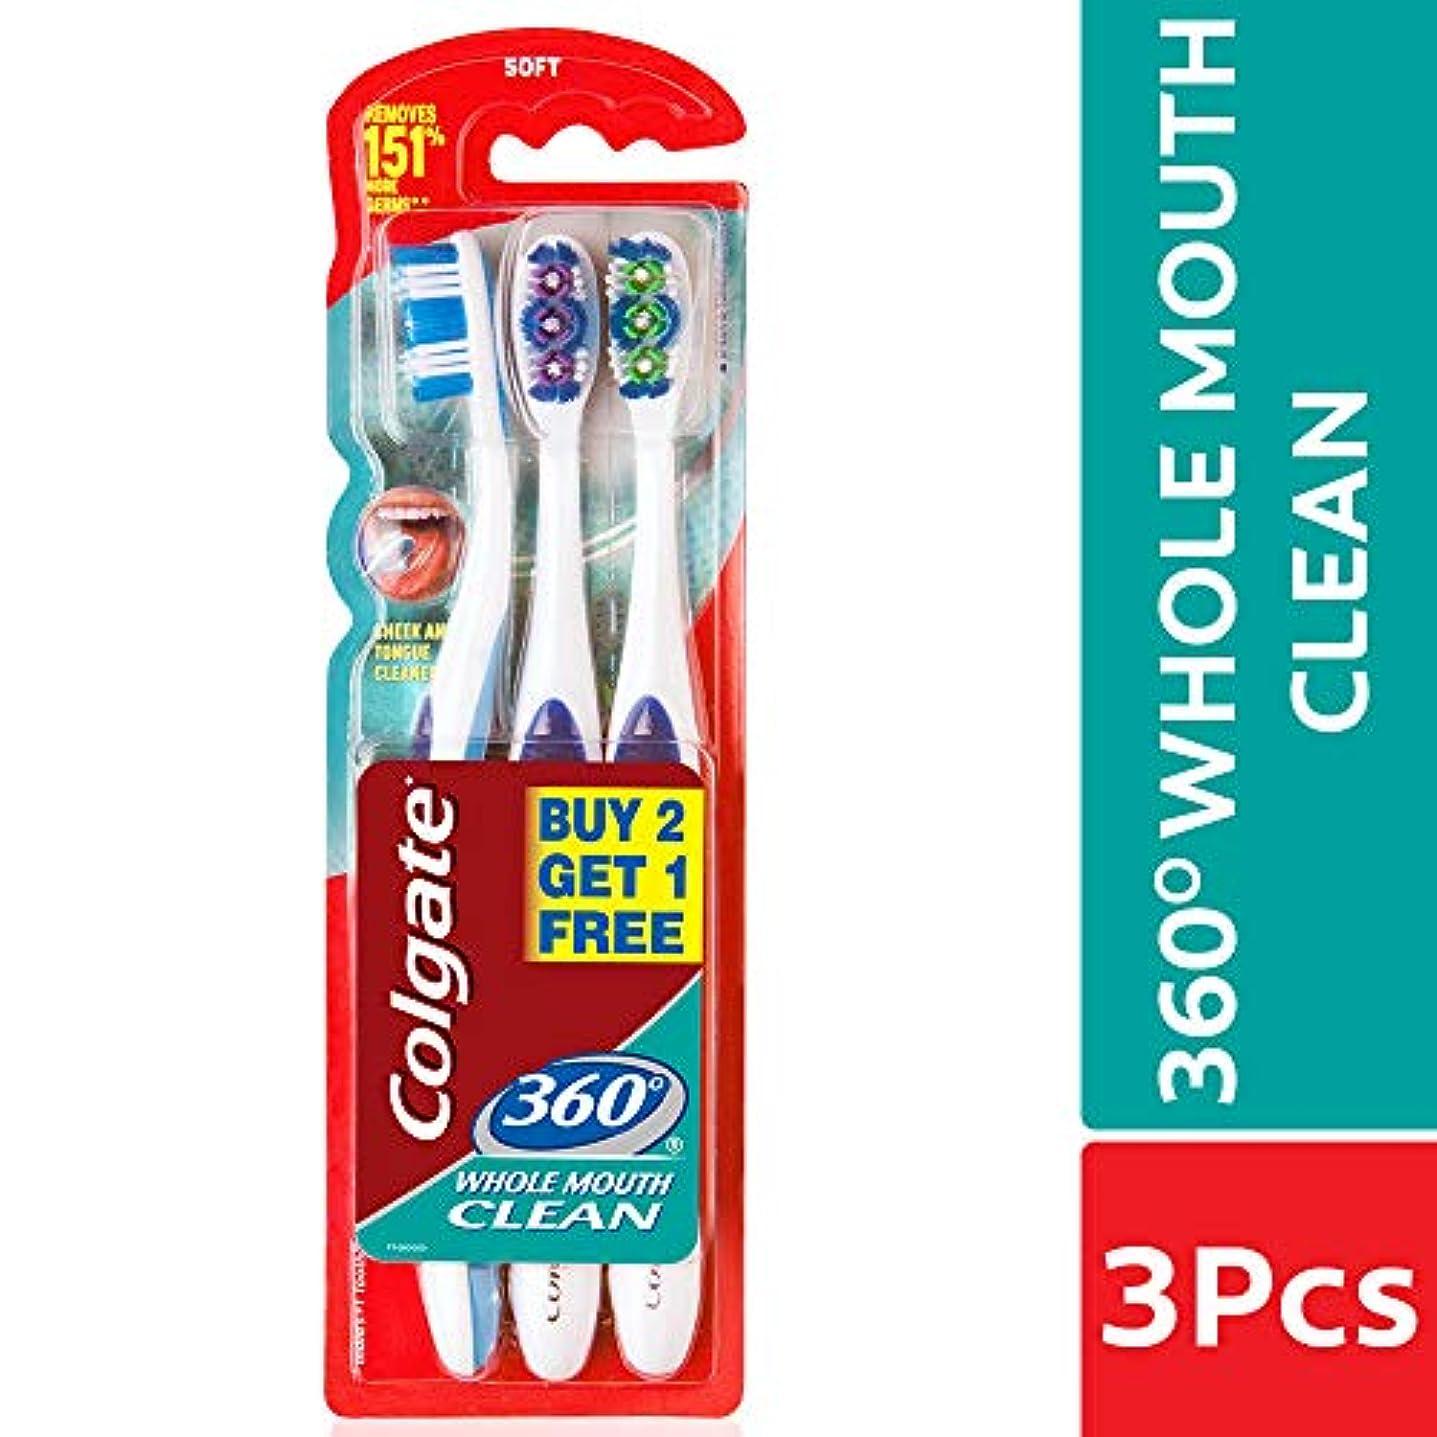 骨モードリン溶融Colgate 360 whole mouth clean (MEDIUM) toothbrush (3pc pack)